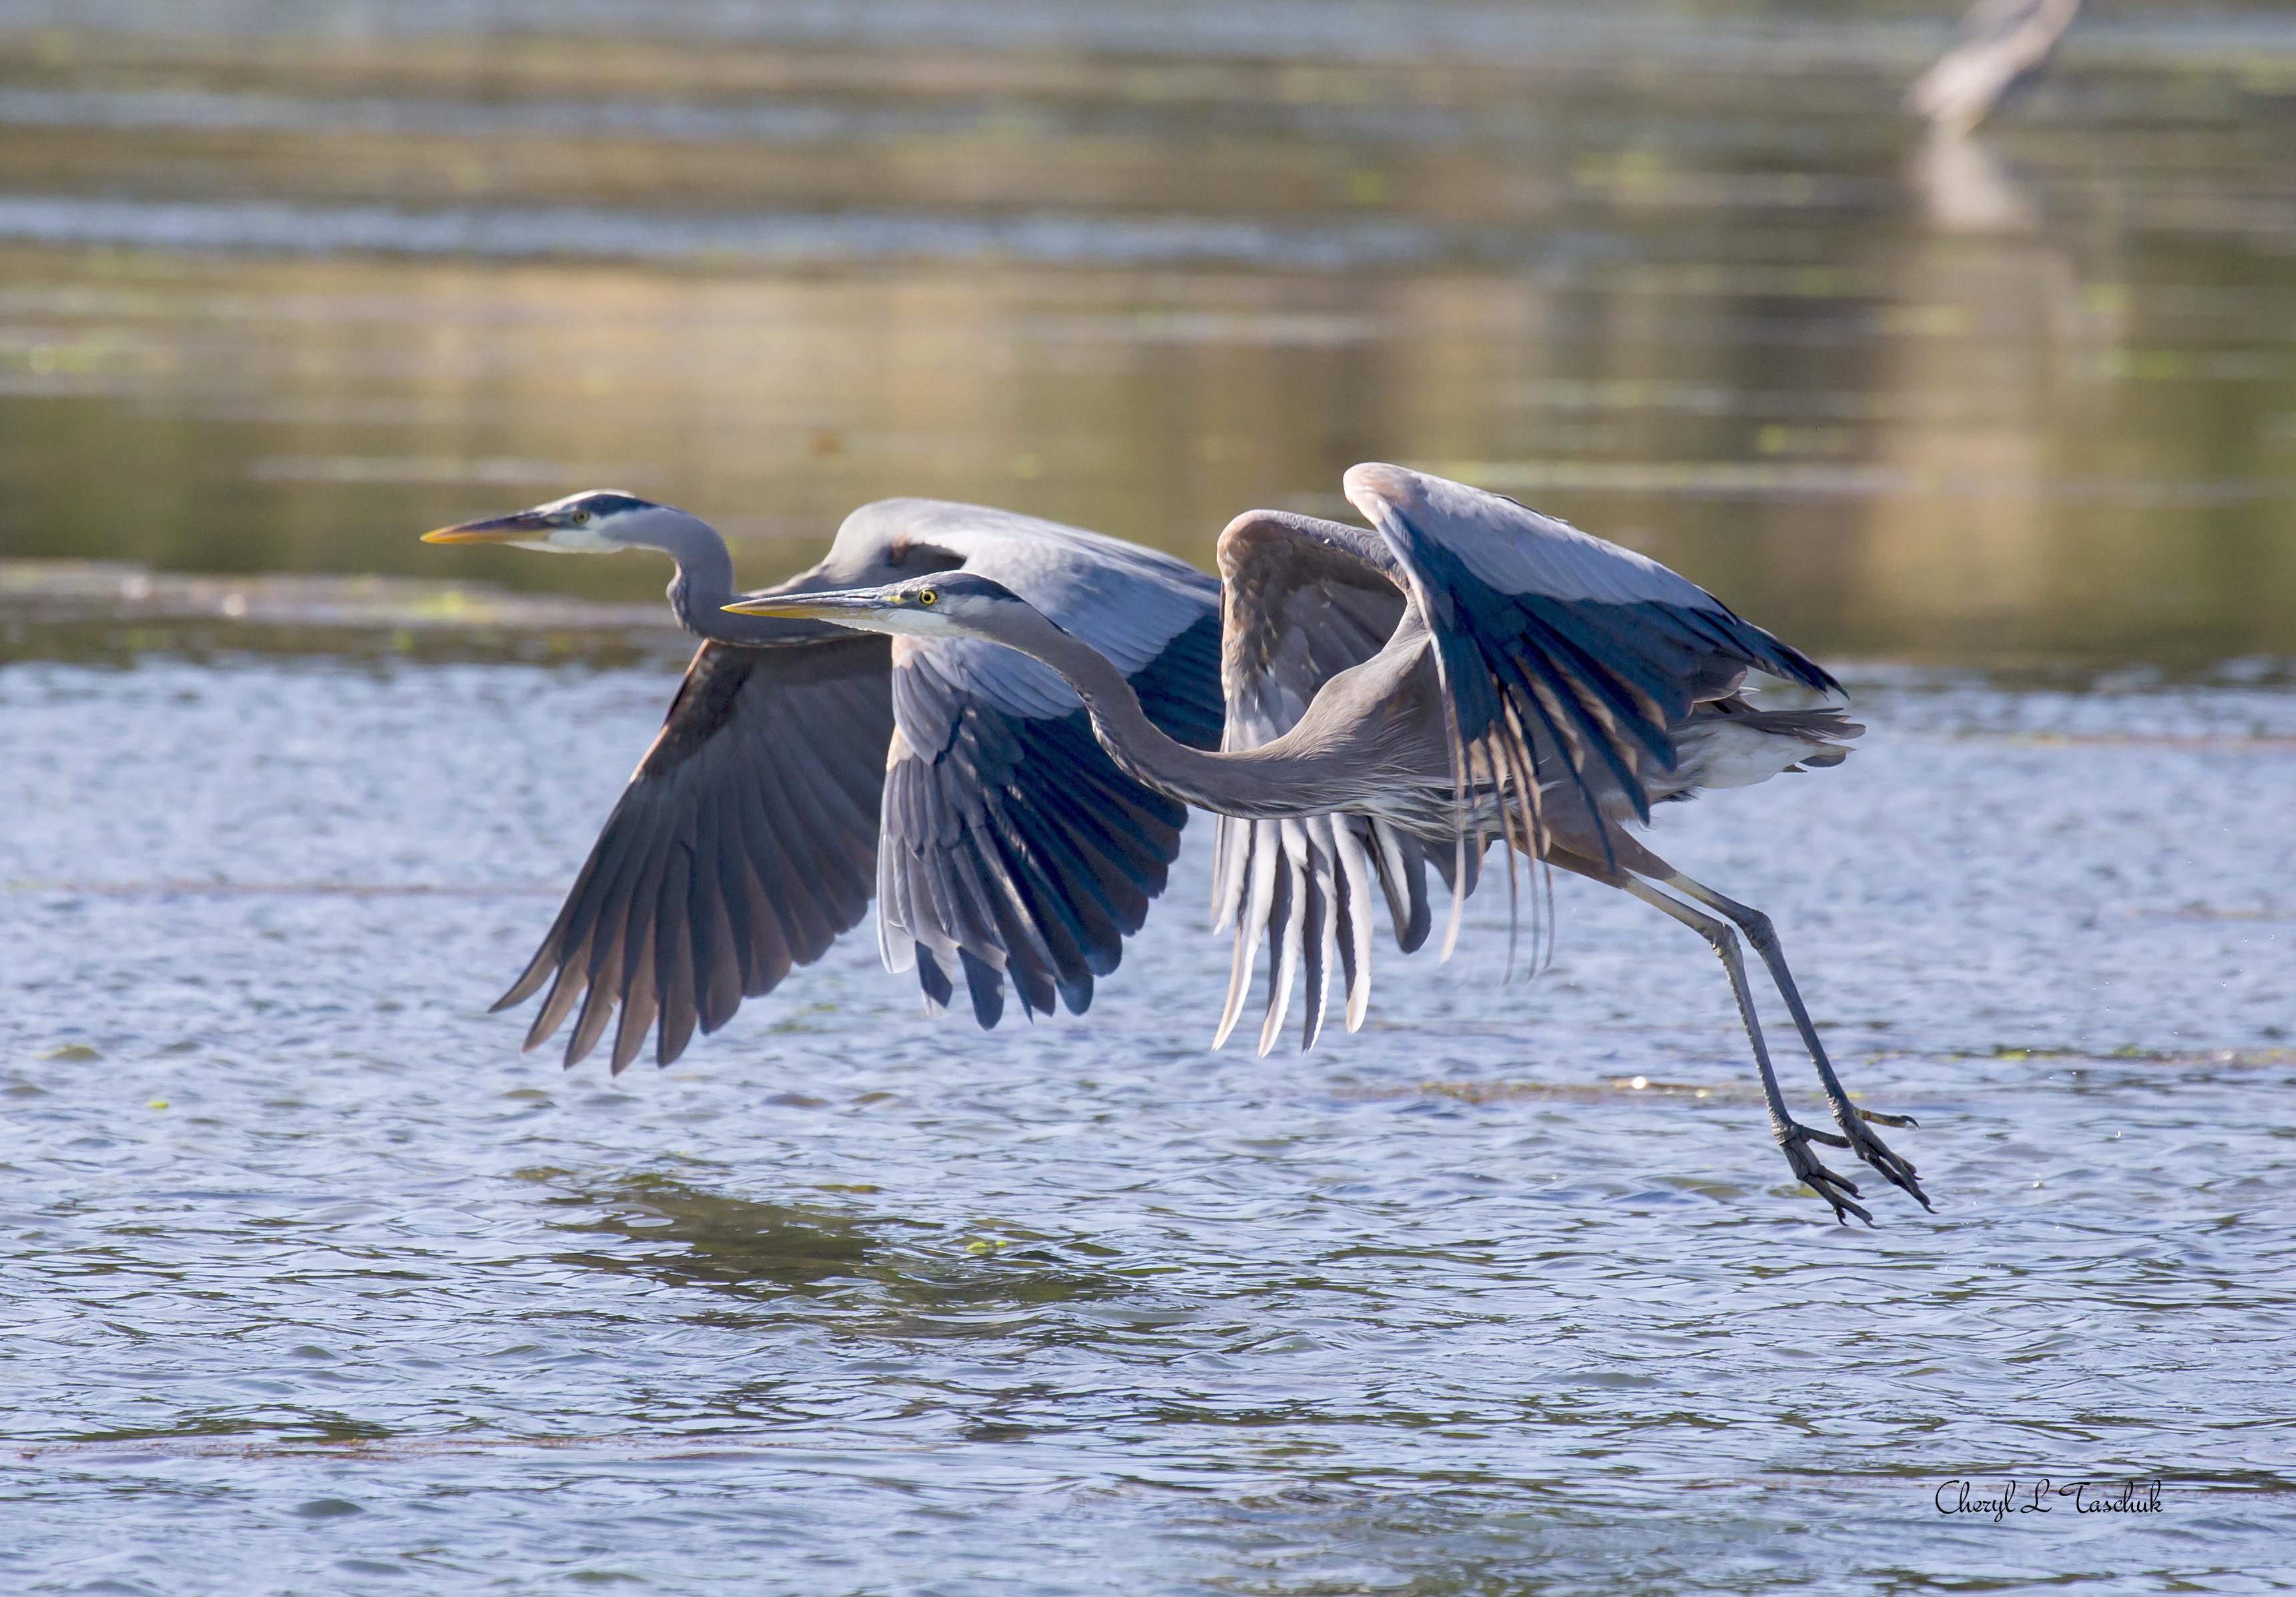 Herons, Pair Flying 2